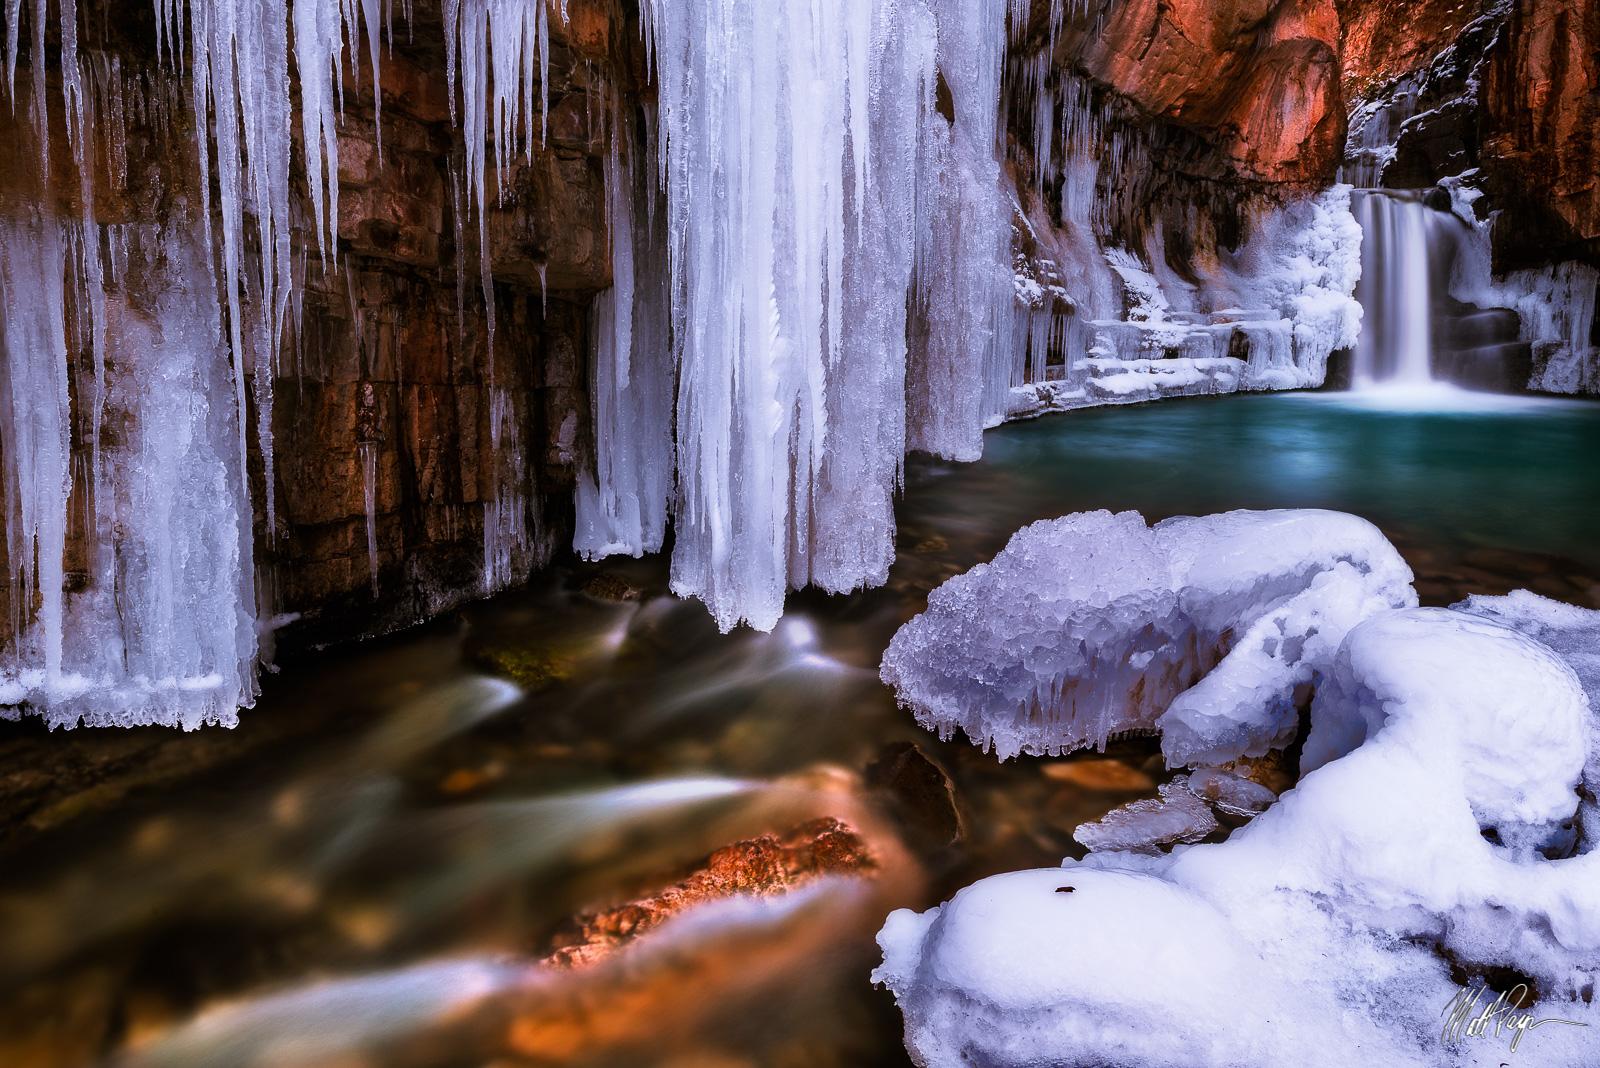 Colorado, Durango, Ice, San Juan Mountains, Southwest Colorado, Waterfall, Winter, Cascade Creek Falls, photo